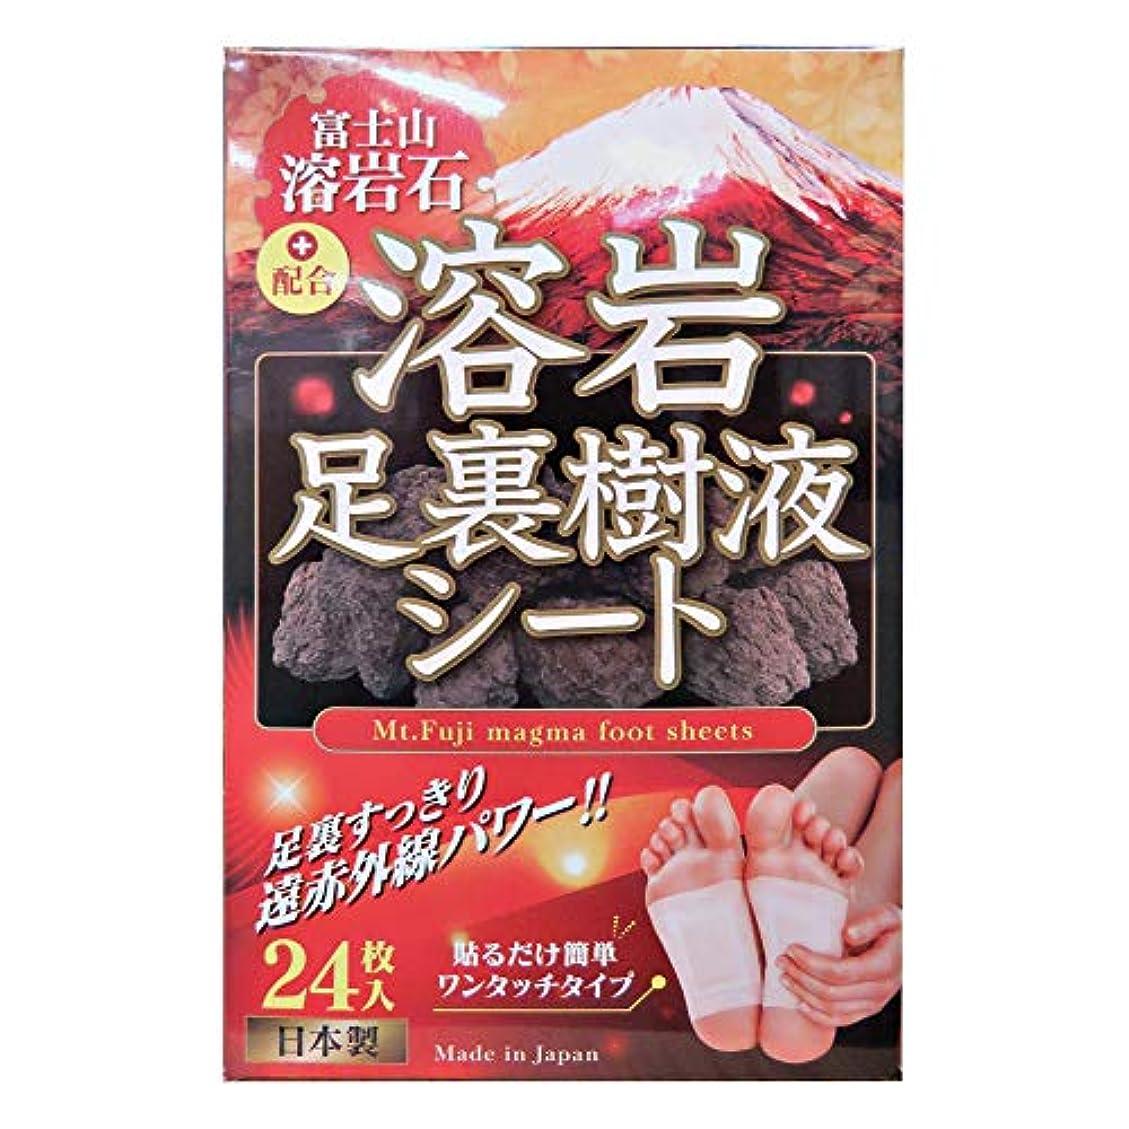 所持聖職者退屈させる富士山溶岩石配合 溶岩足裏樹液シート(24枚)